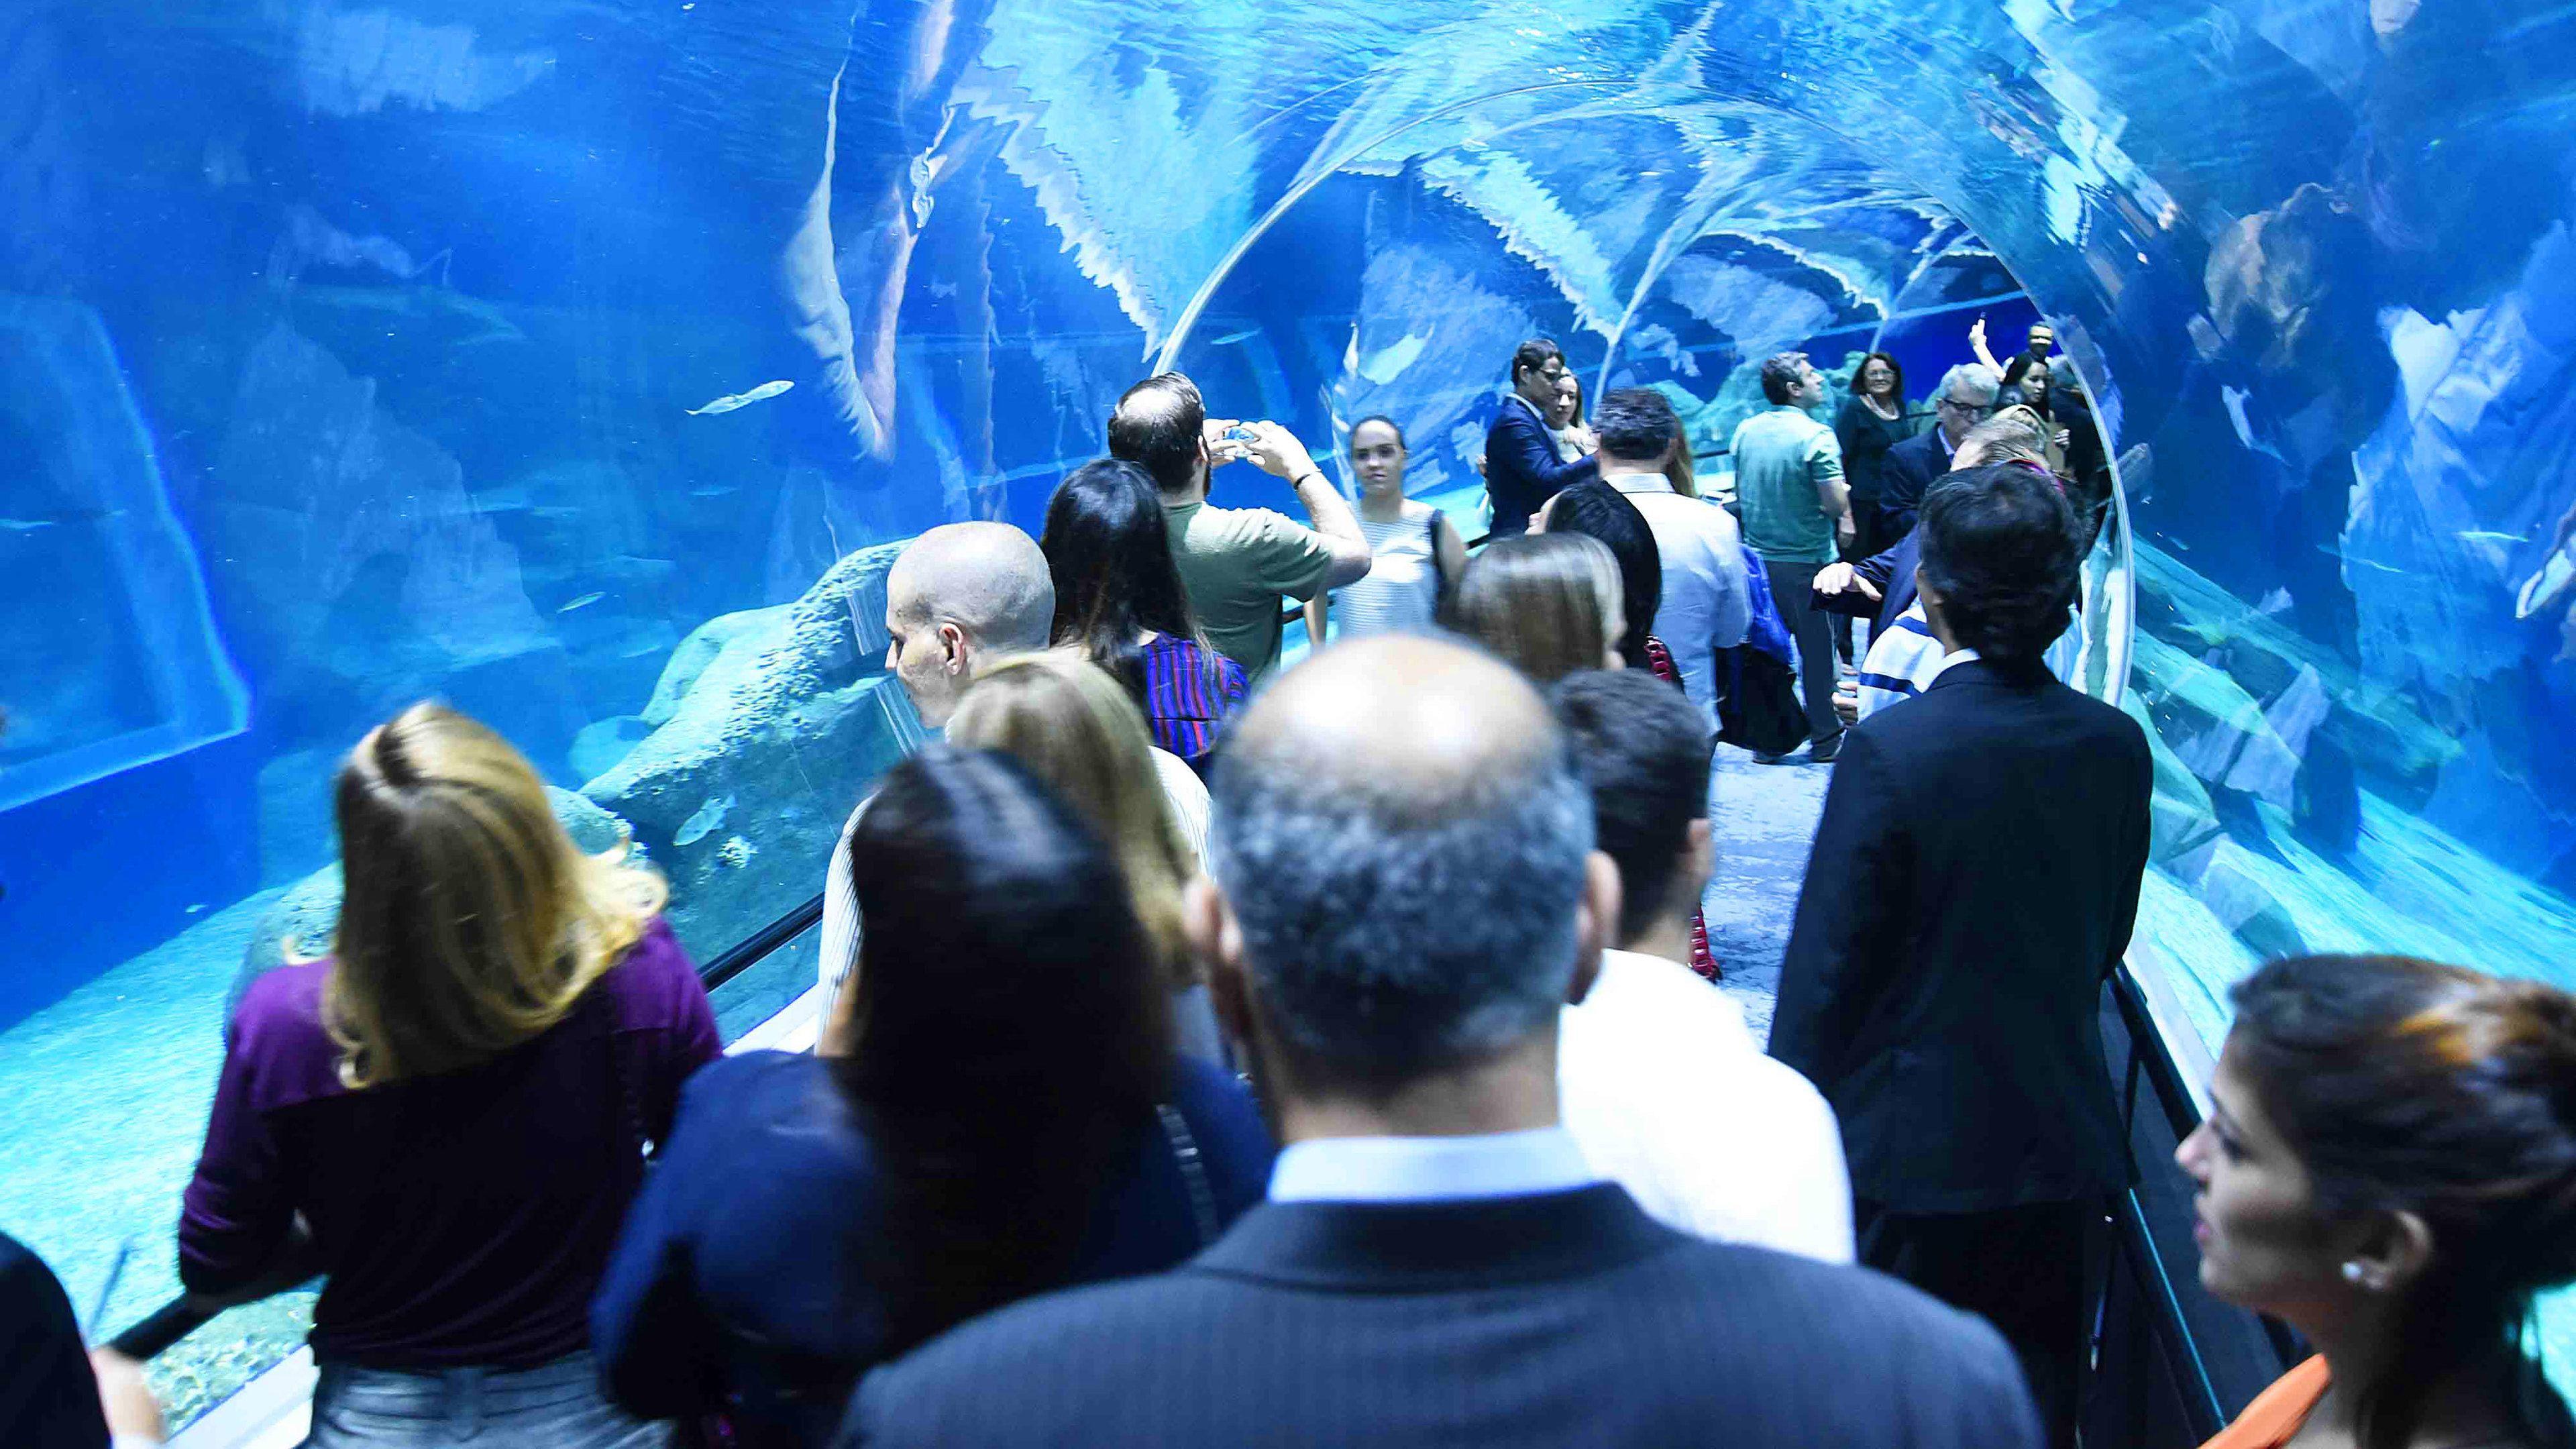 Tour of Aquarium in Rio De Janeiro